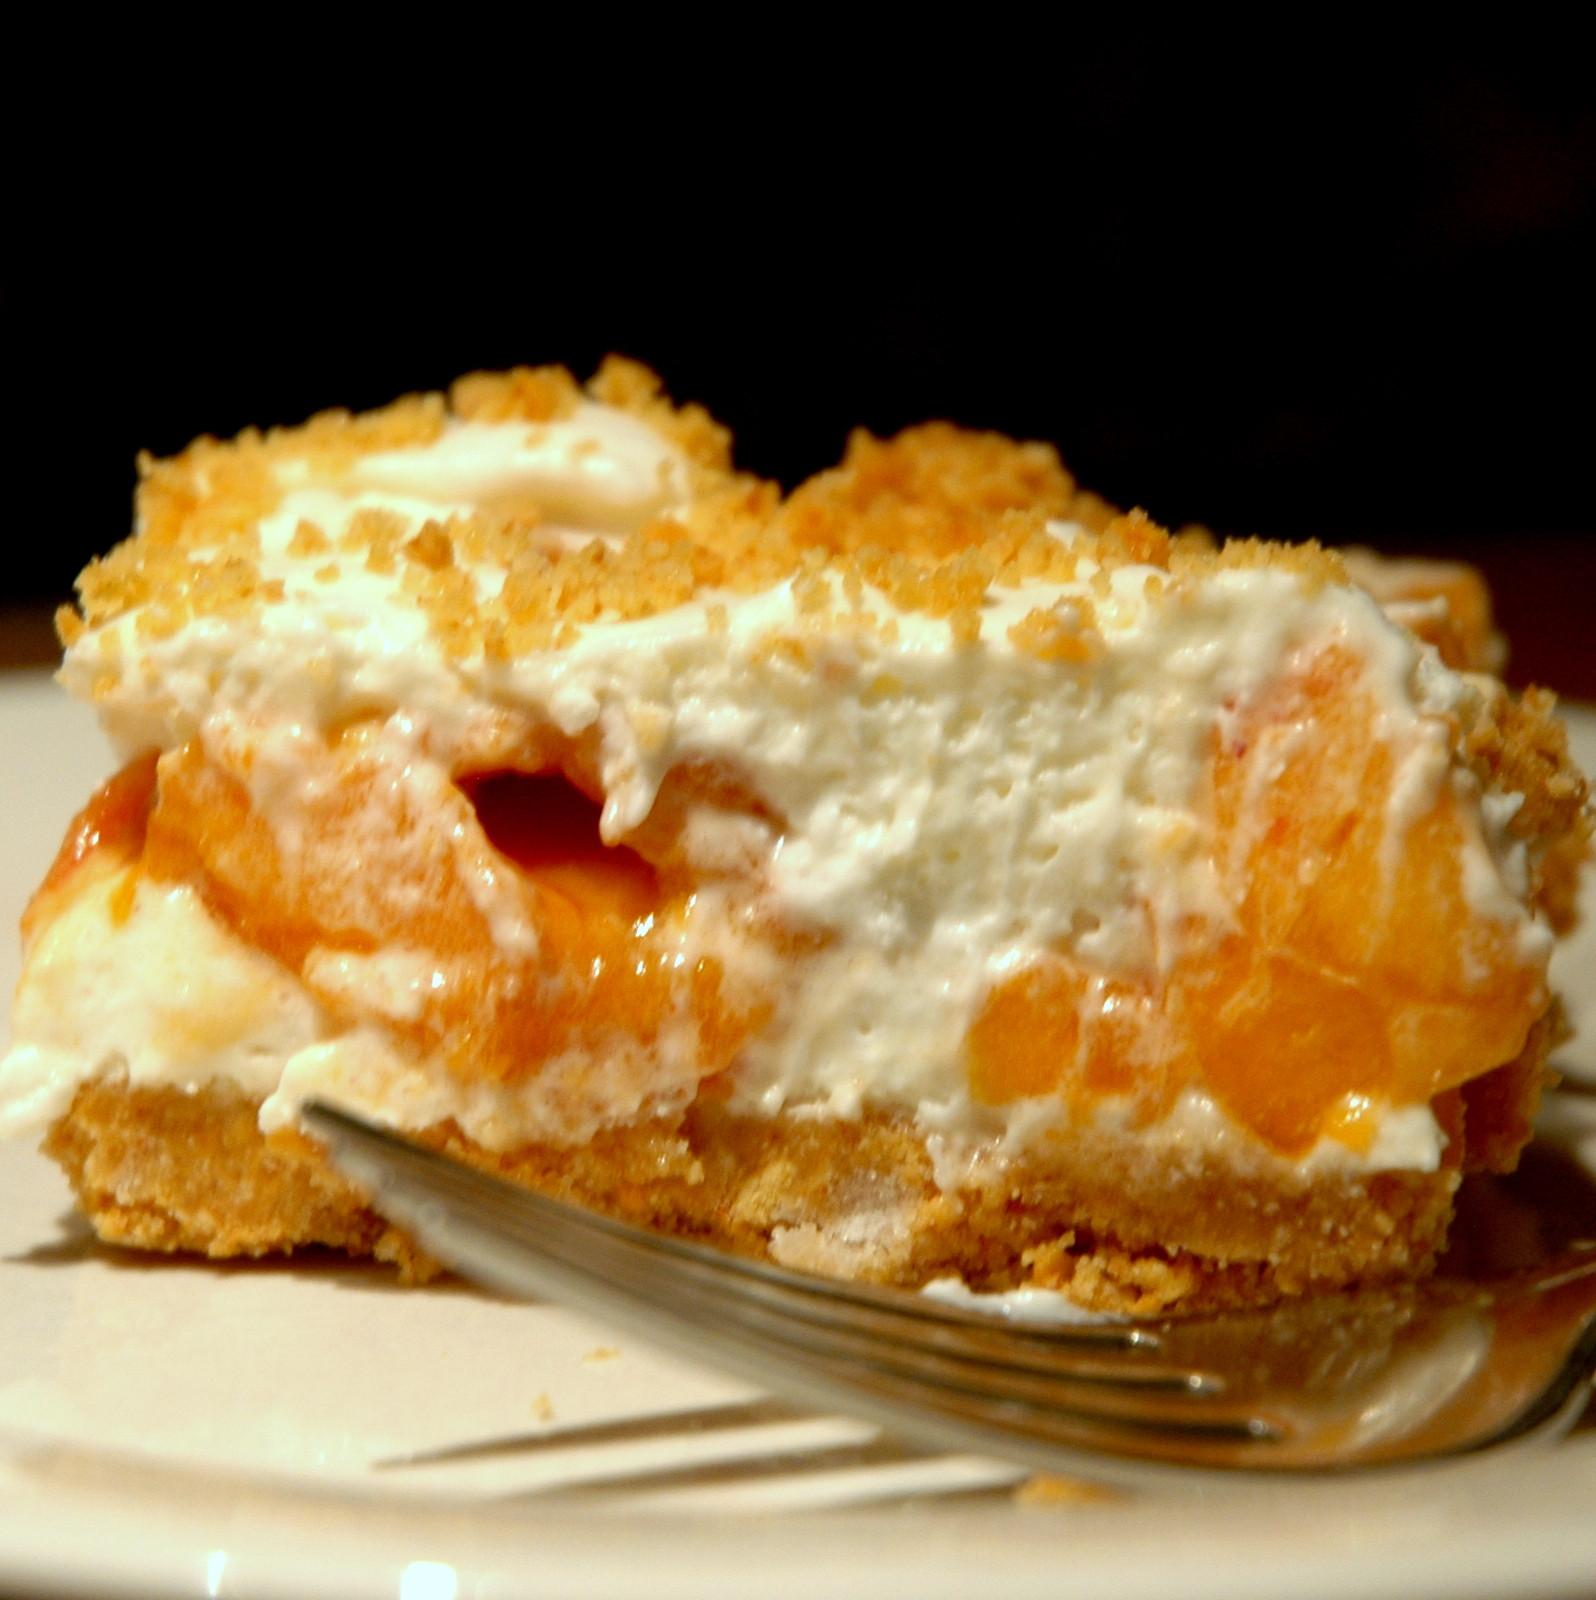 Peach Desserts Recipes  Cindy s Recipe Box Fresh Peach Dessert